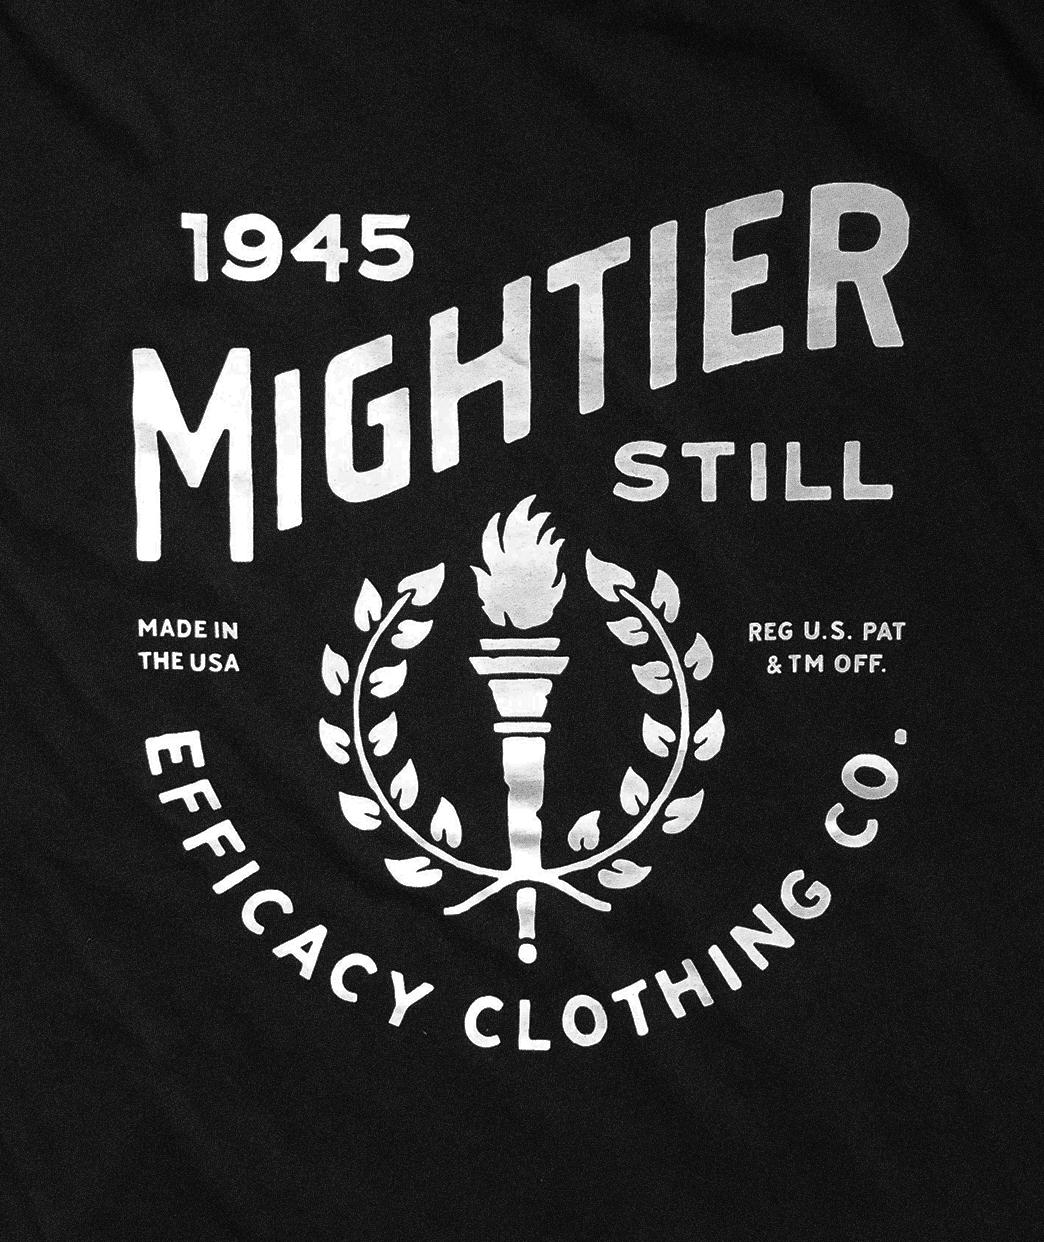 shirt_graphic_mightier-still.jpg